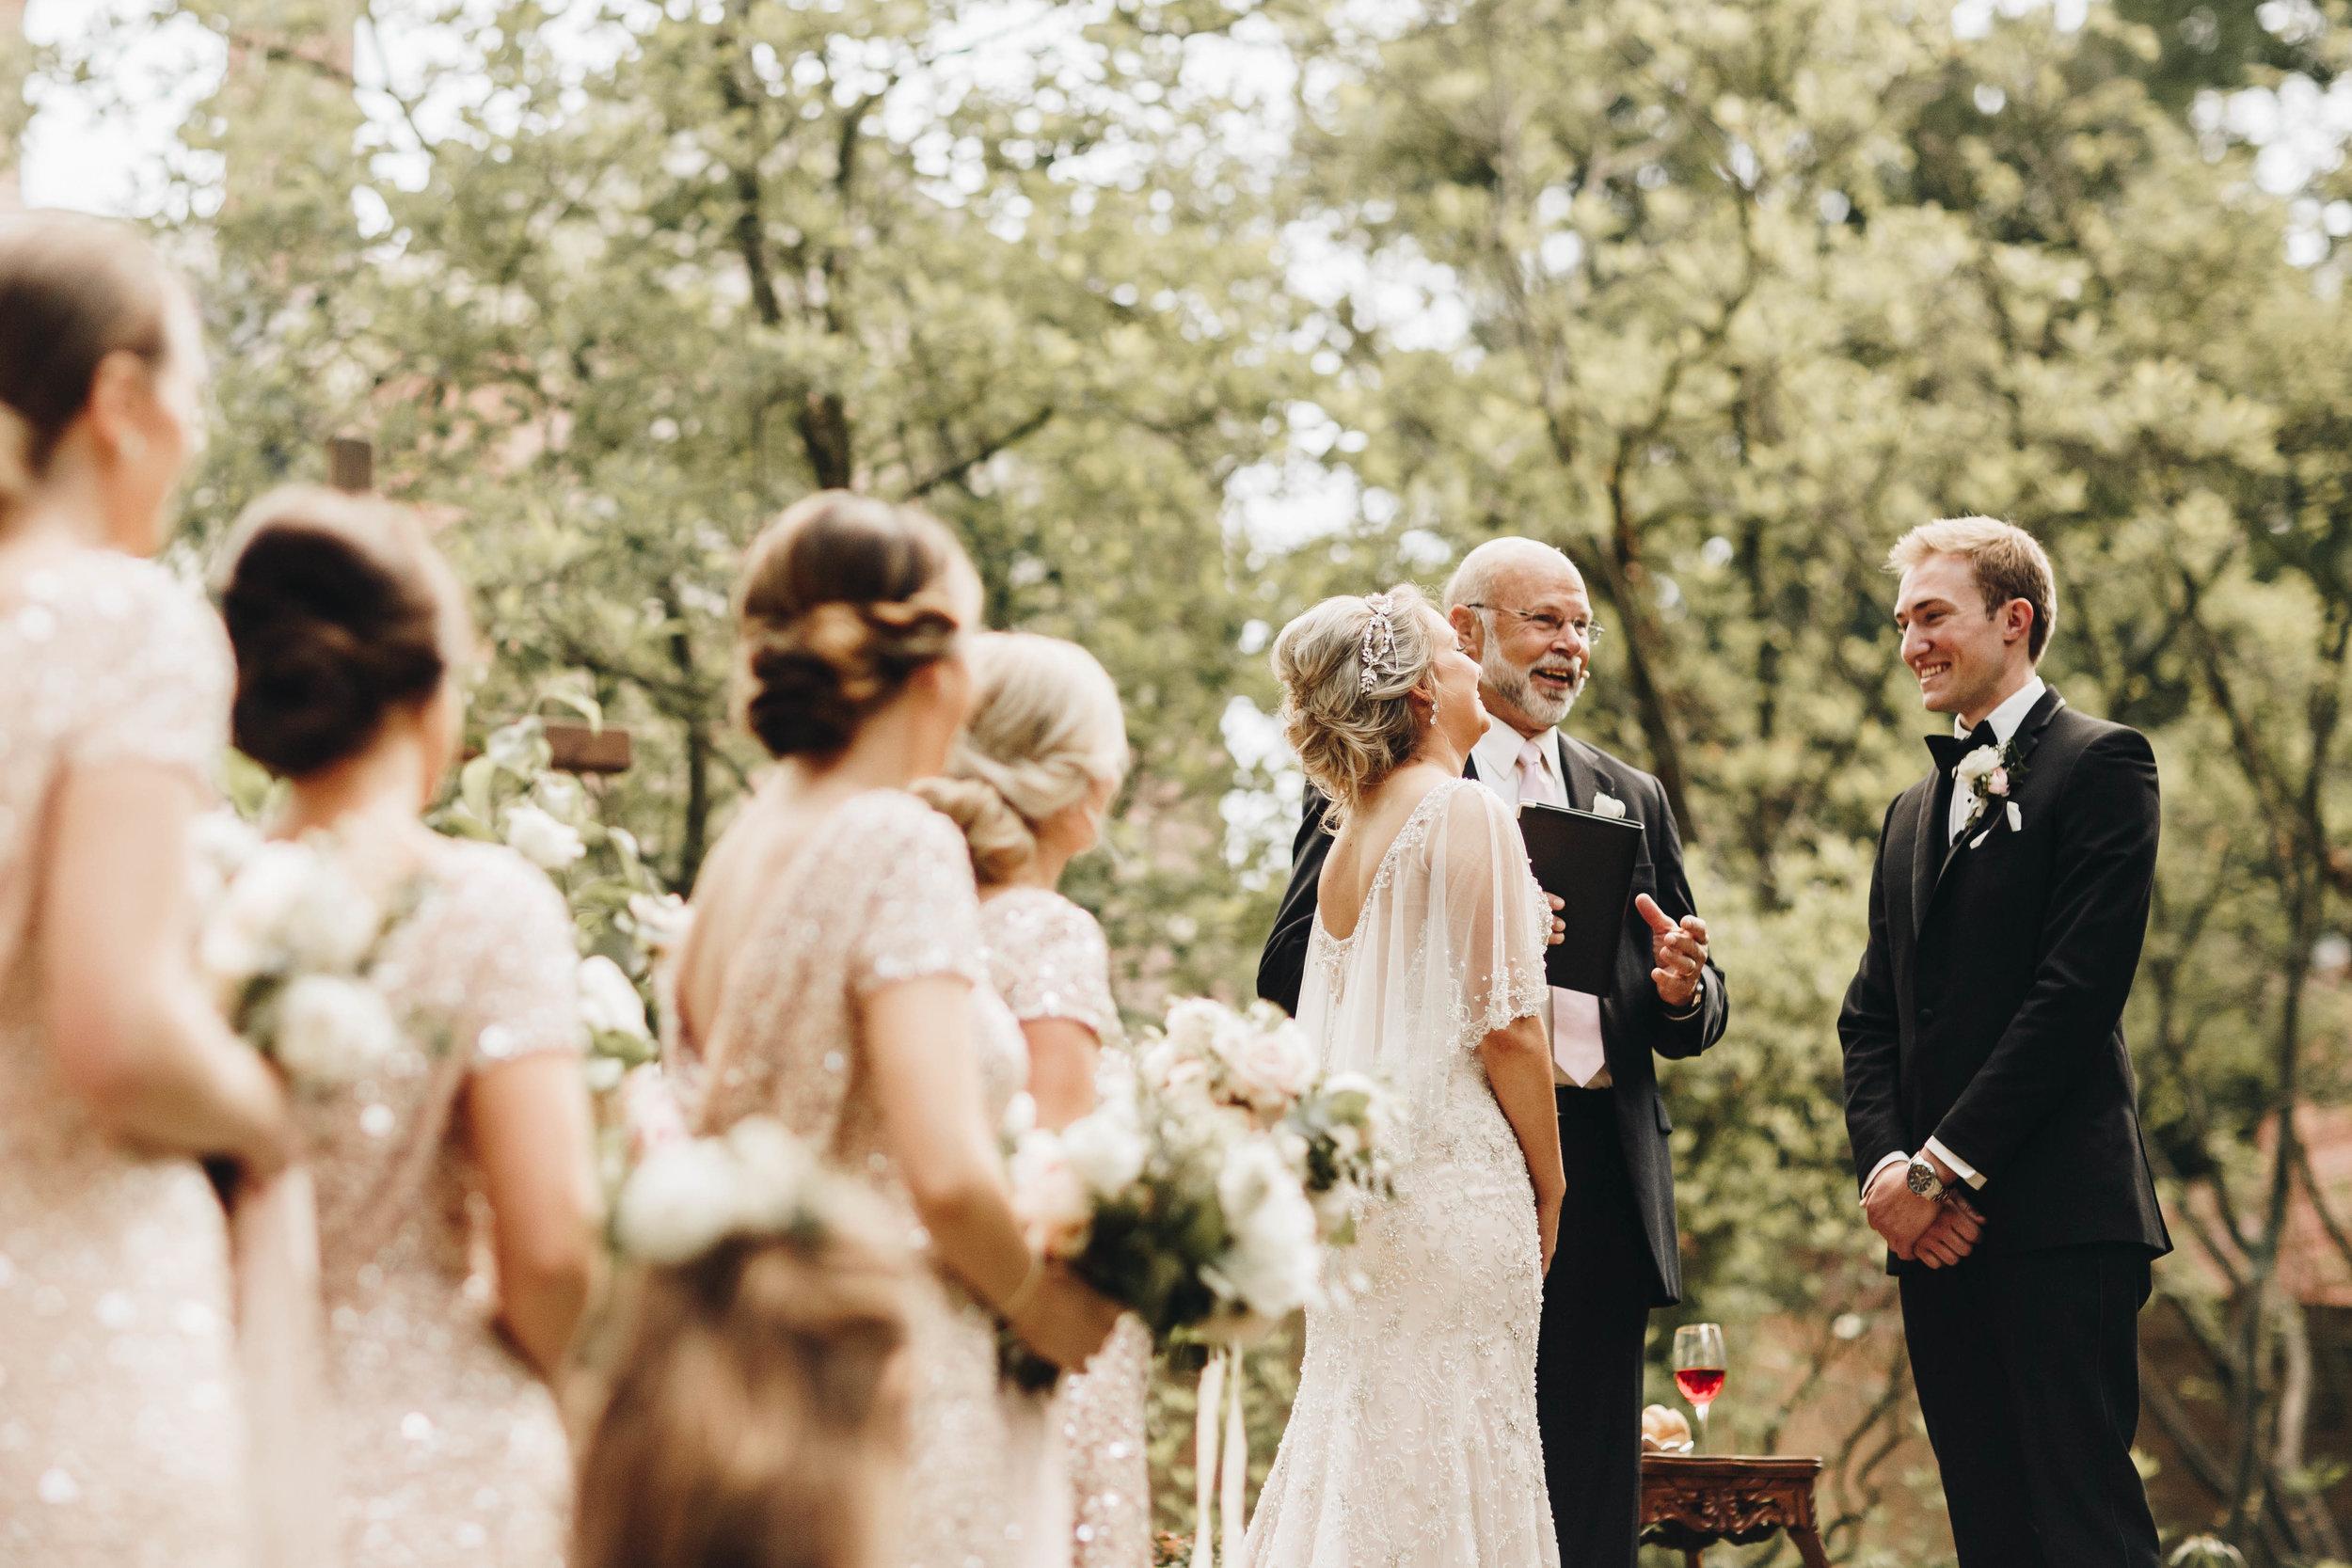 Cincinnati+wedding+photographer-34.jpeg